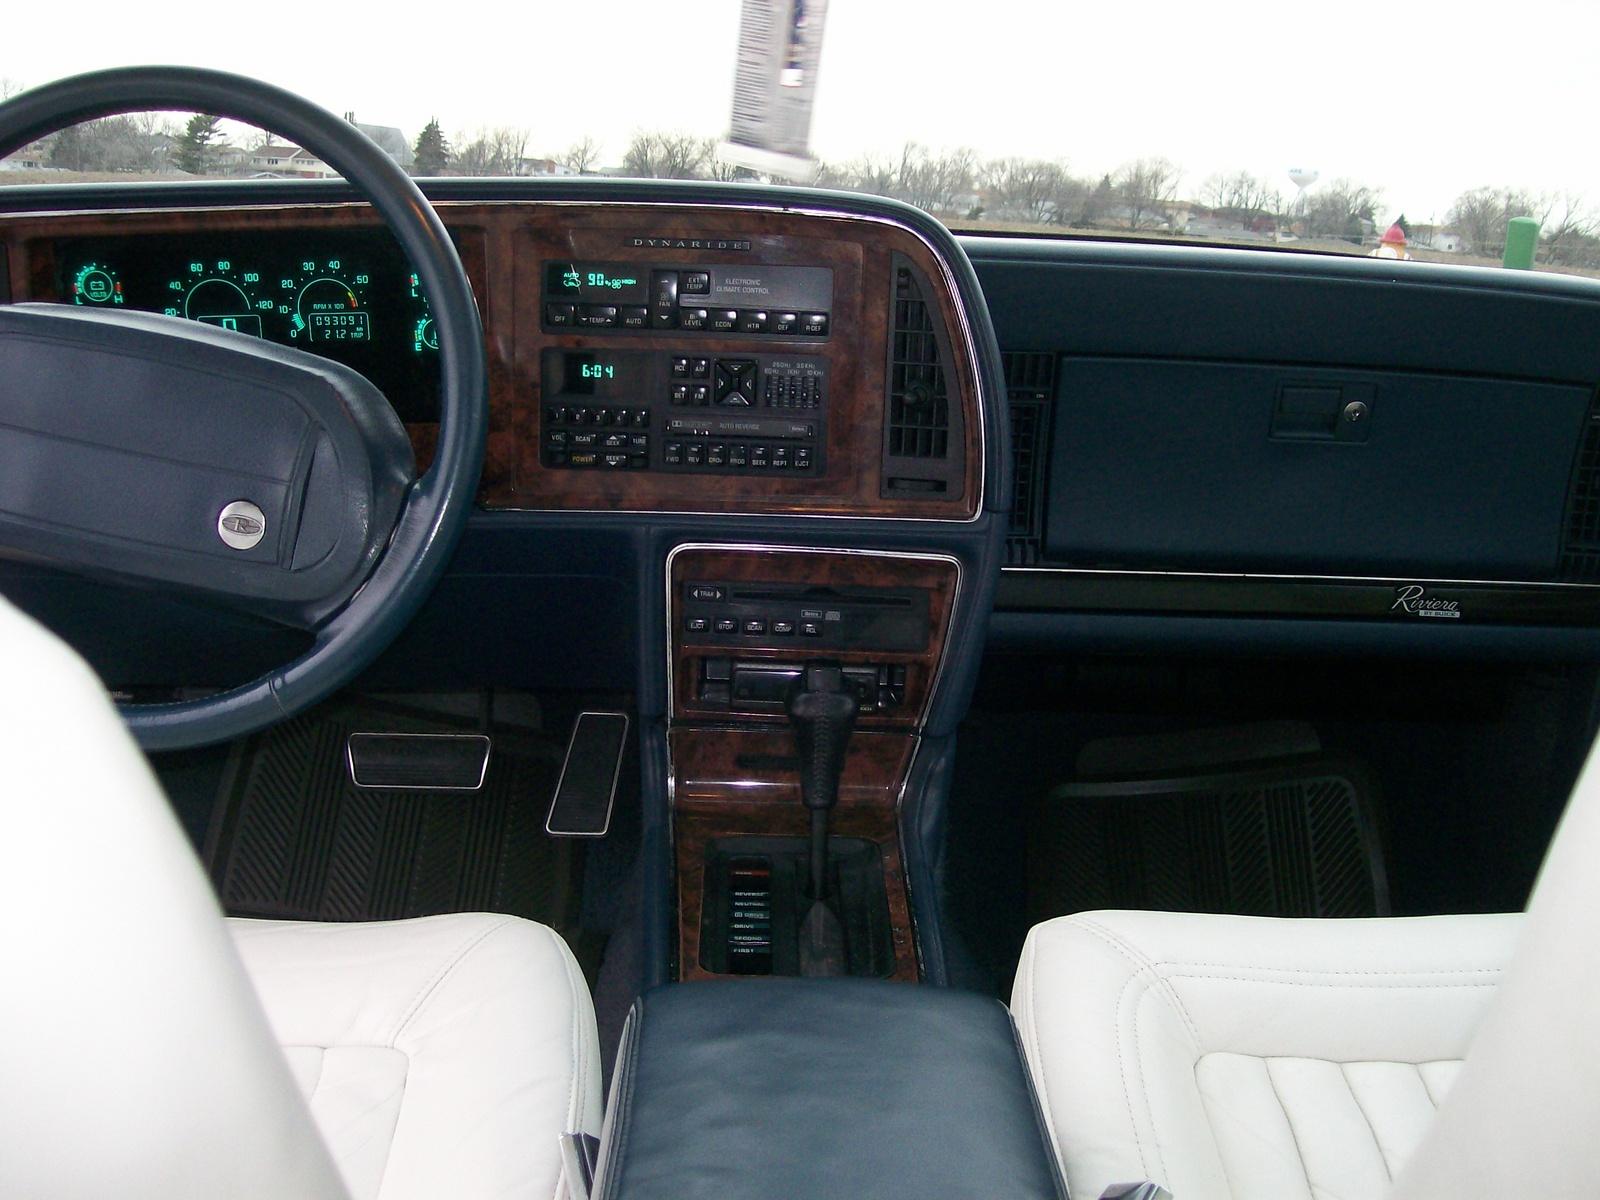 1993 Buick Riviera Interior Pictures Cargurus